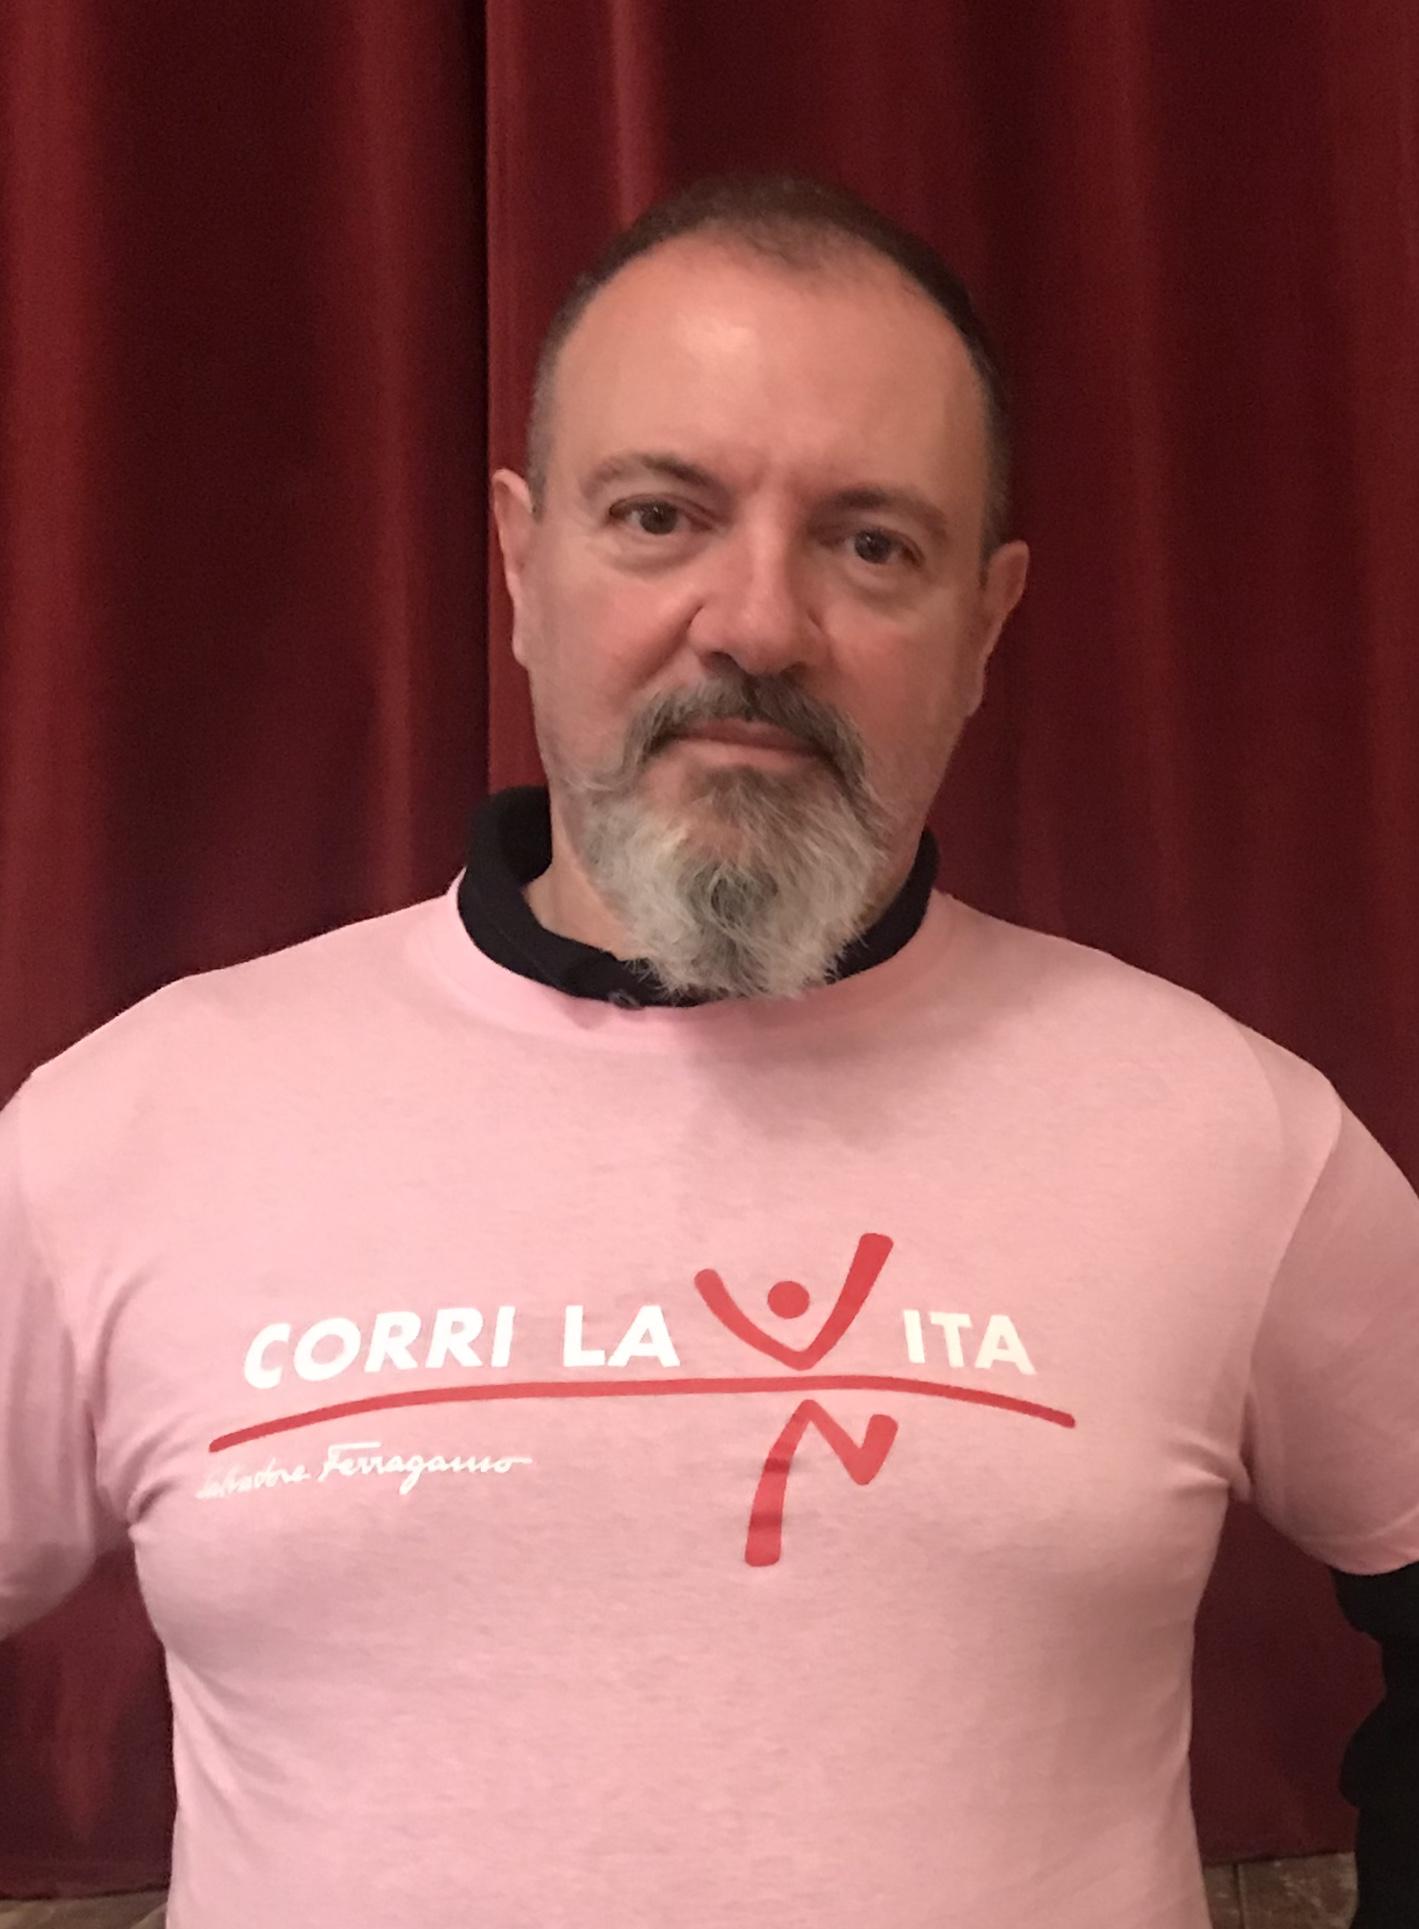 Carlo Lucarelli_corri la vita 2019